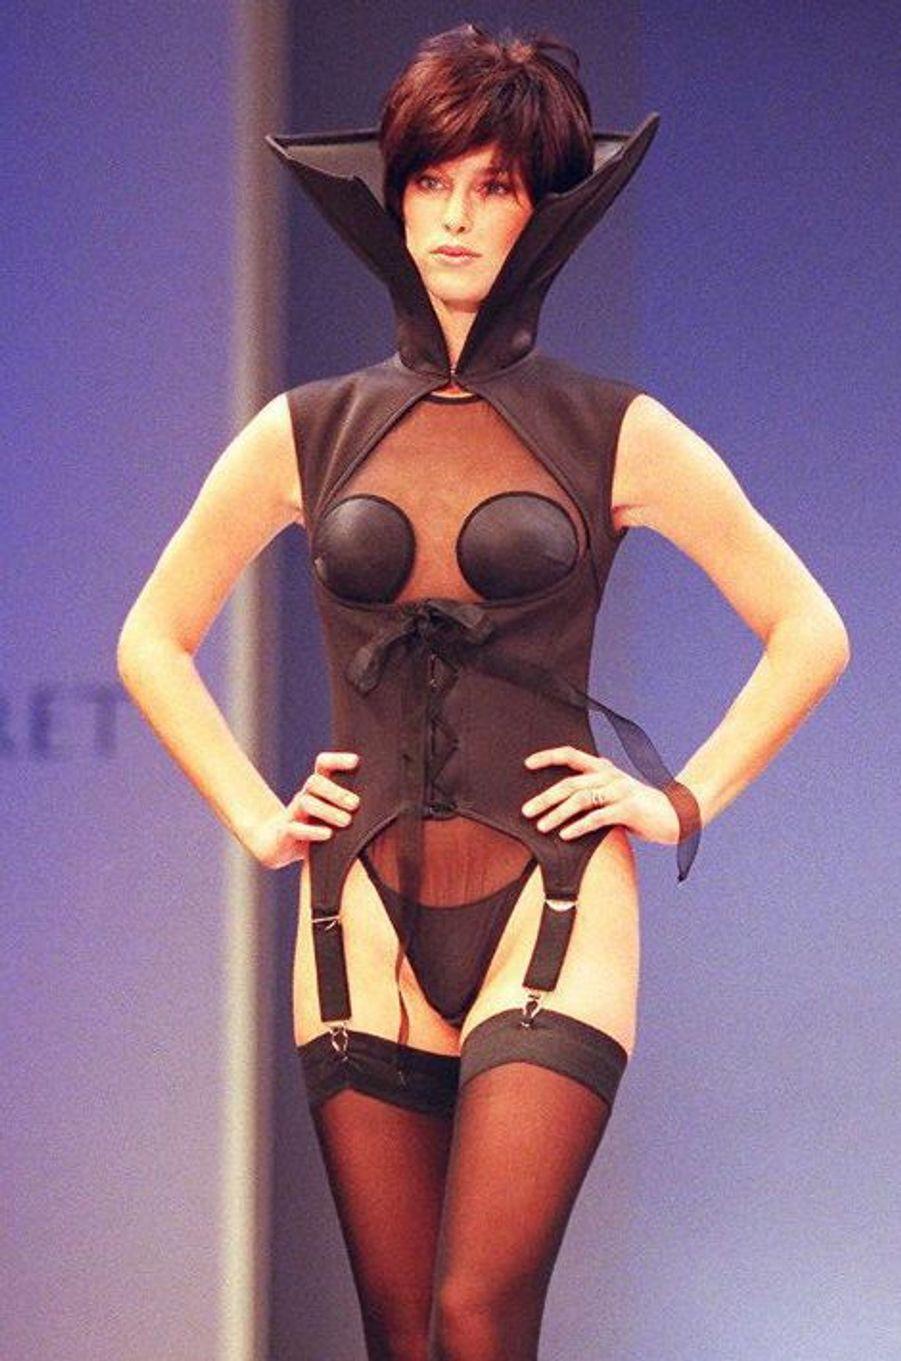 Le défilé de la marque Victoria's Secret en 1997 à New York.